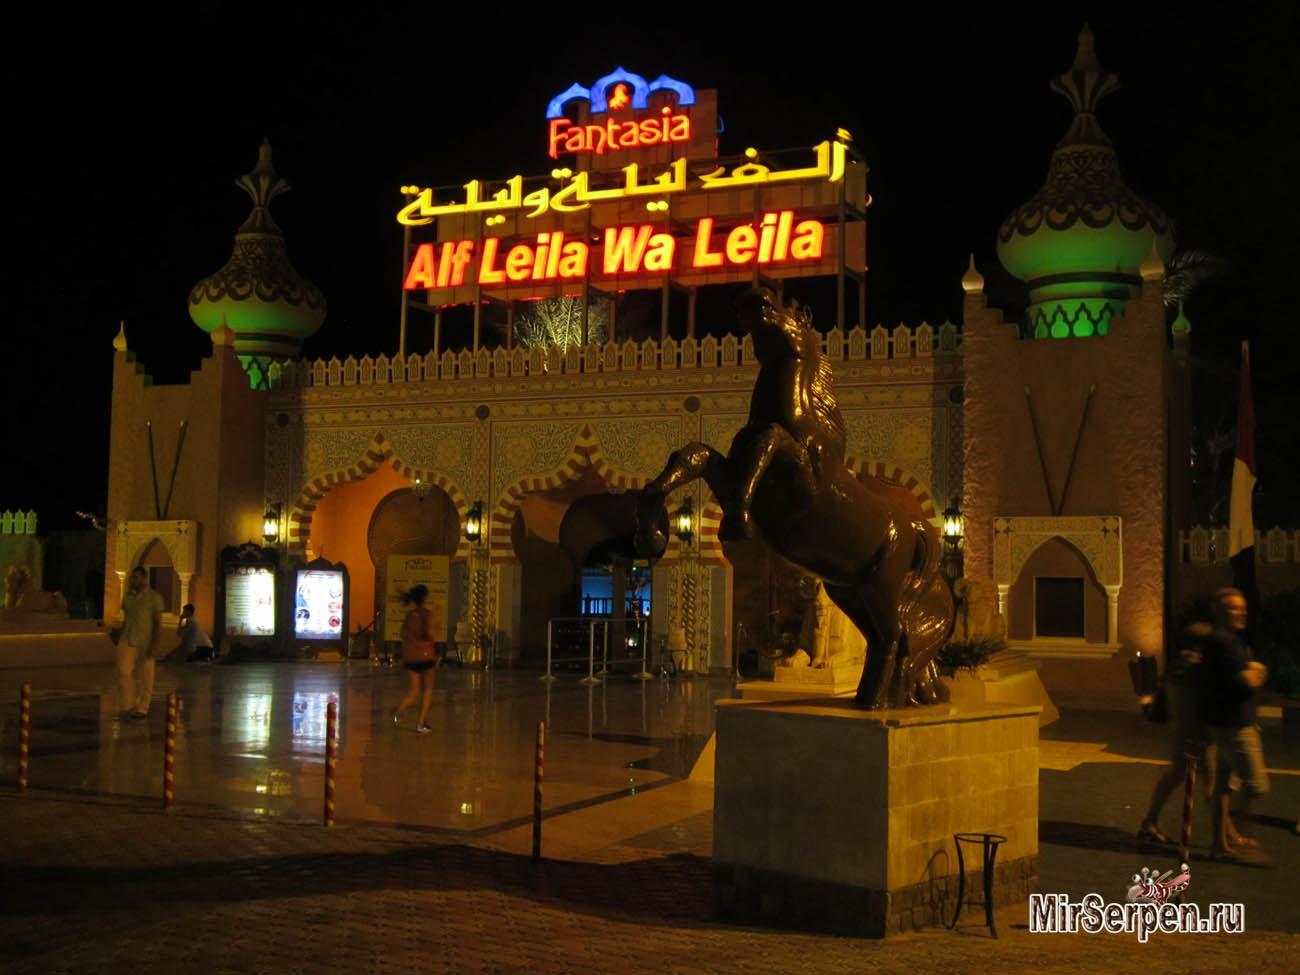 Photo of Восточное очарование развлекательного комплекса Alf Leila wa Leila